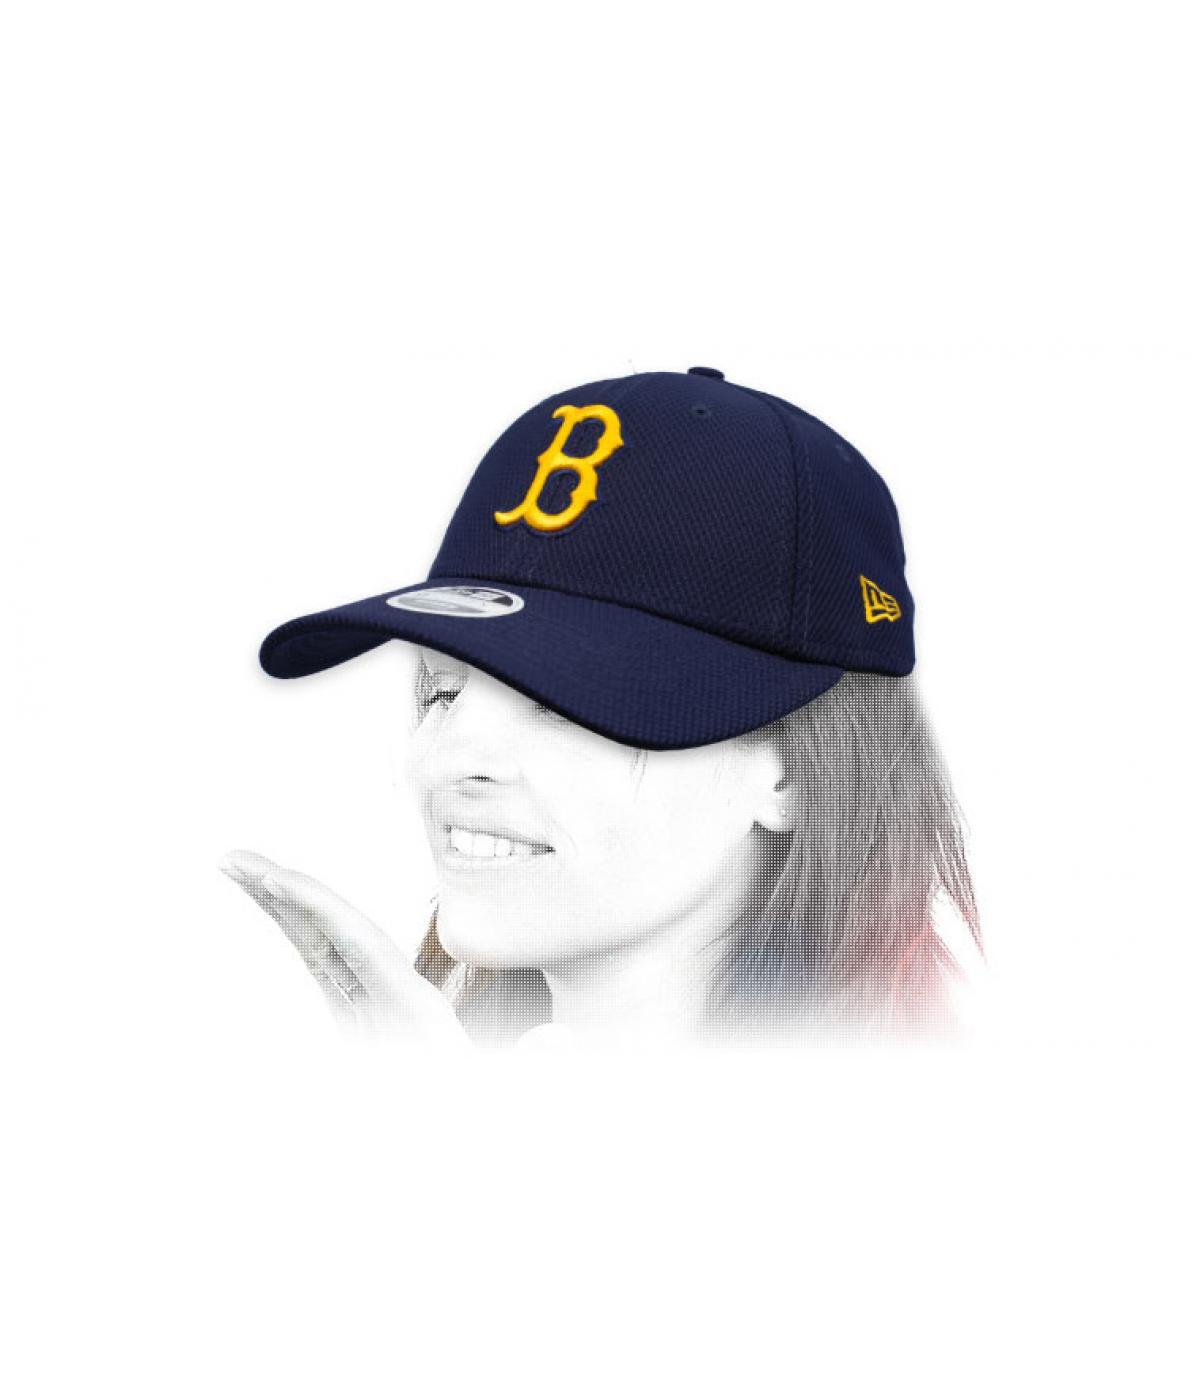 B women cap blue yellow